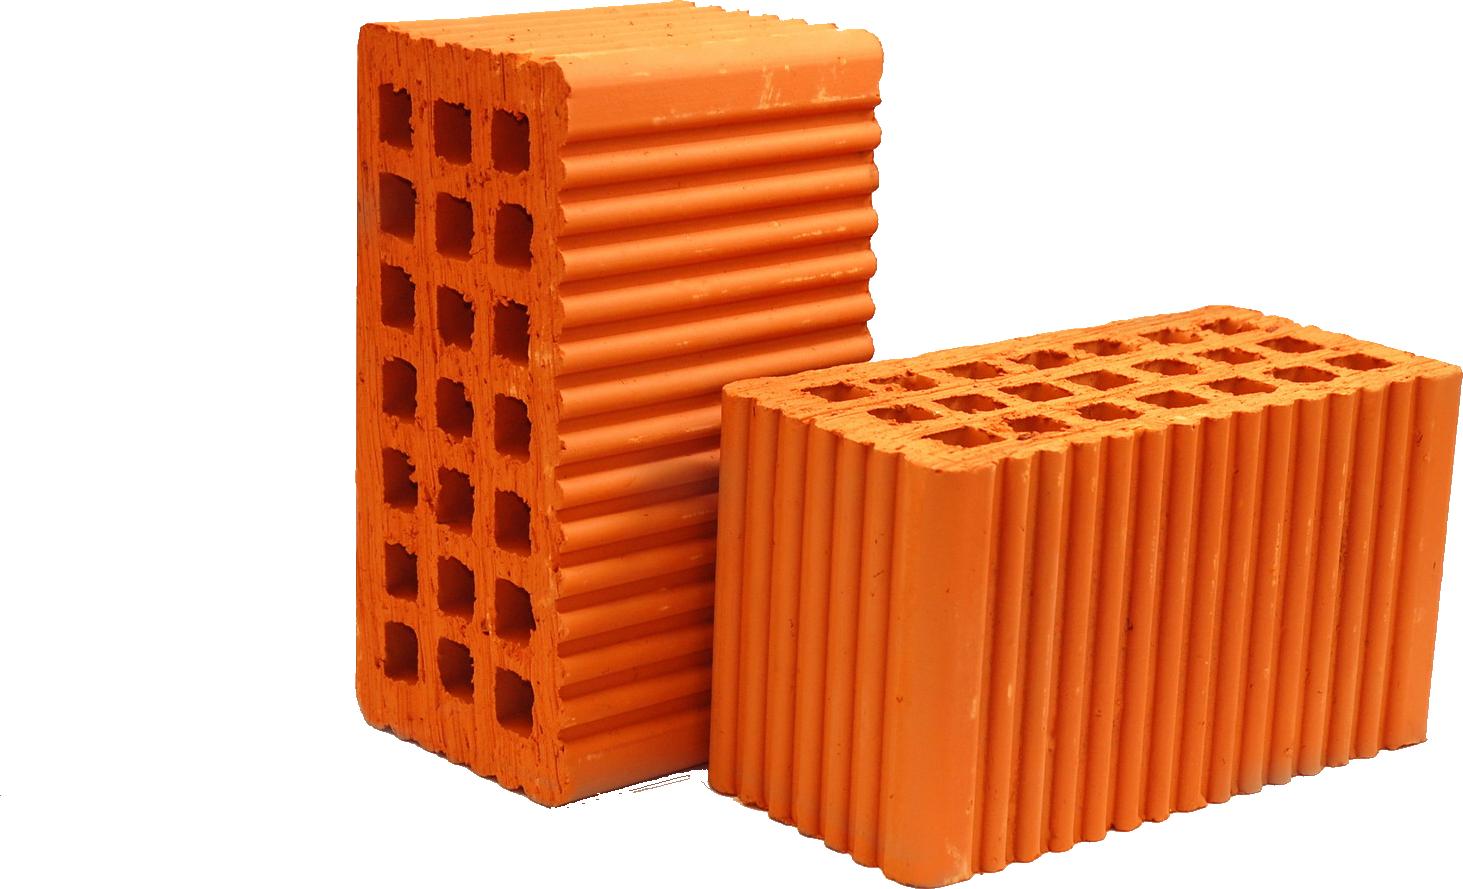 Bricks PNG - 6257